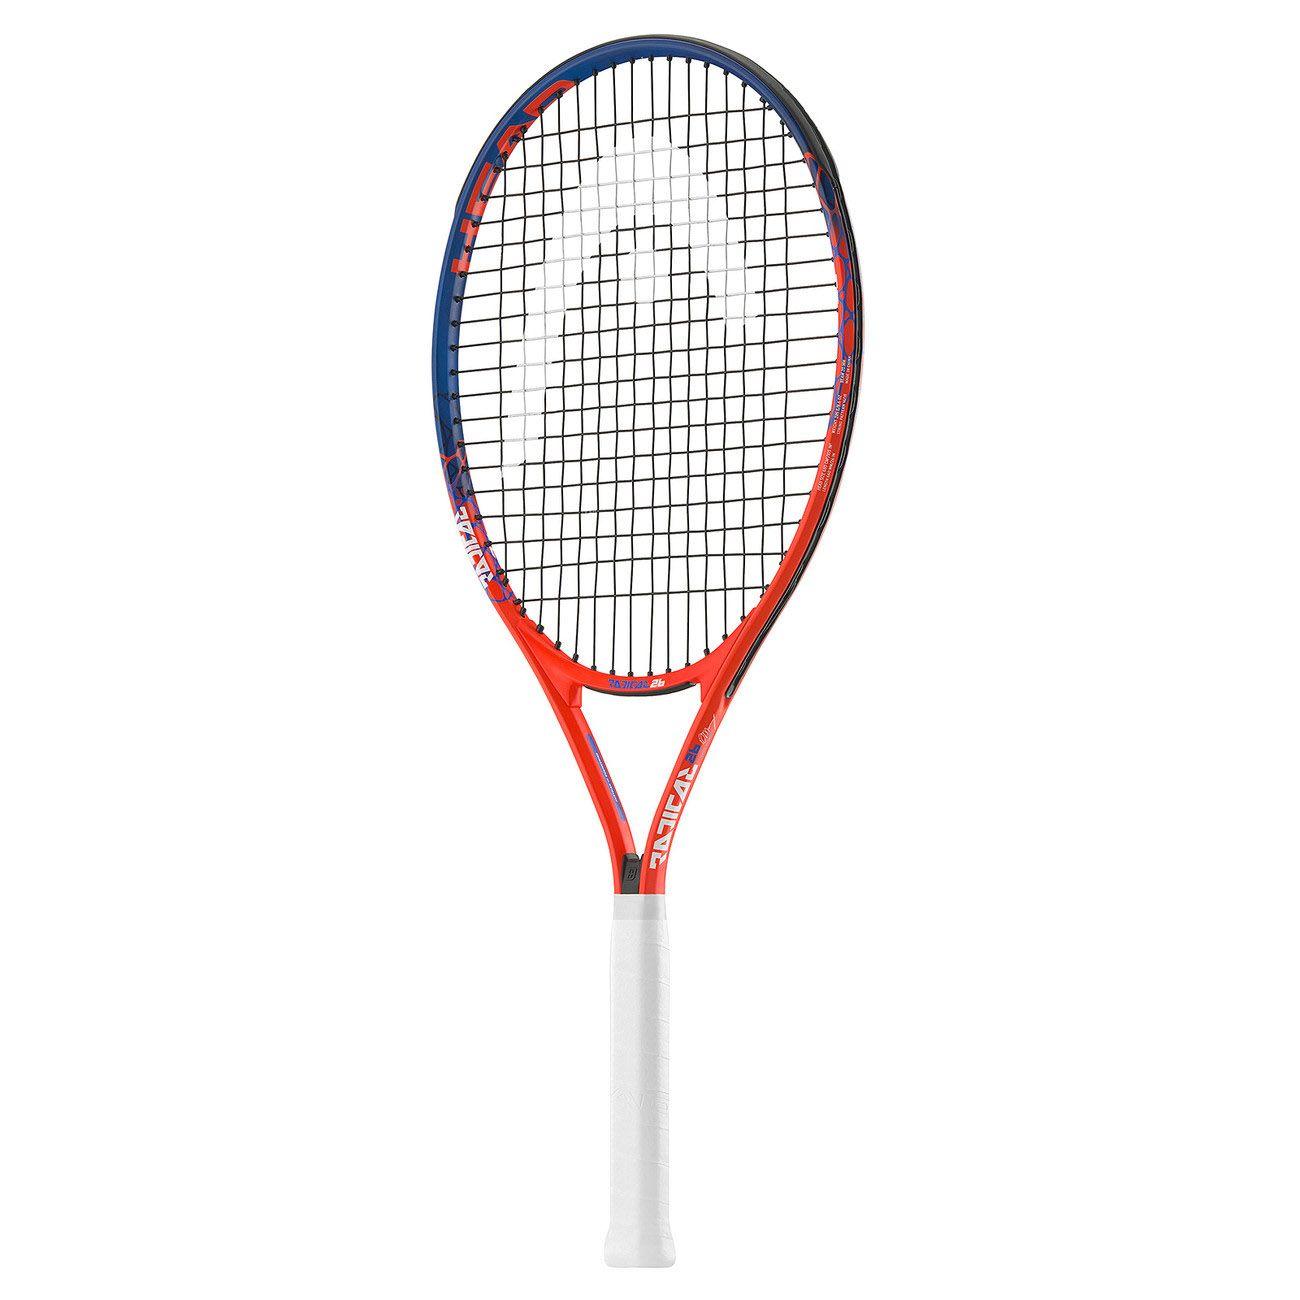 Tennis Head To Head